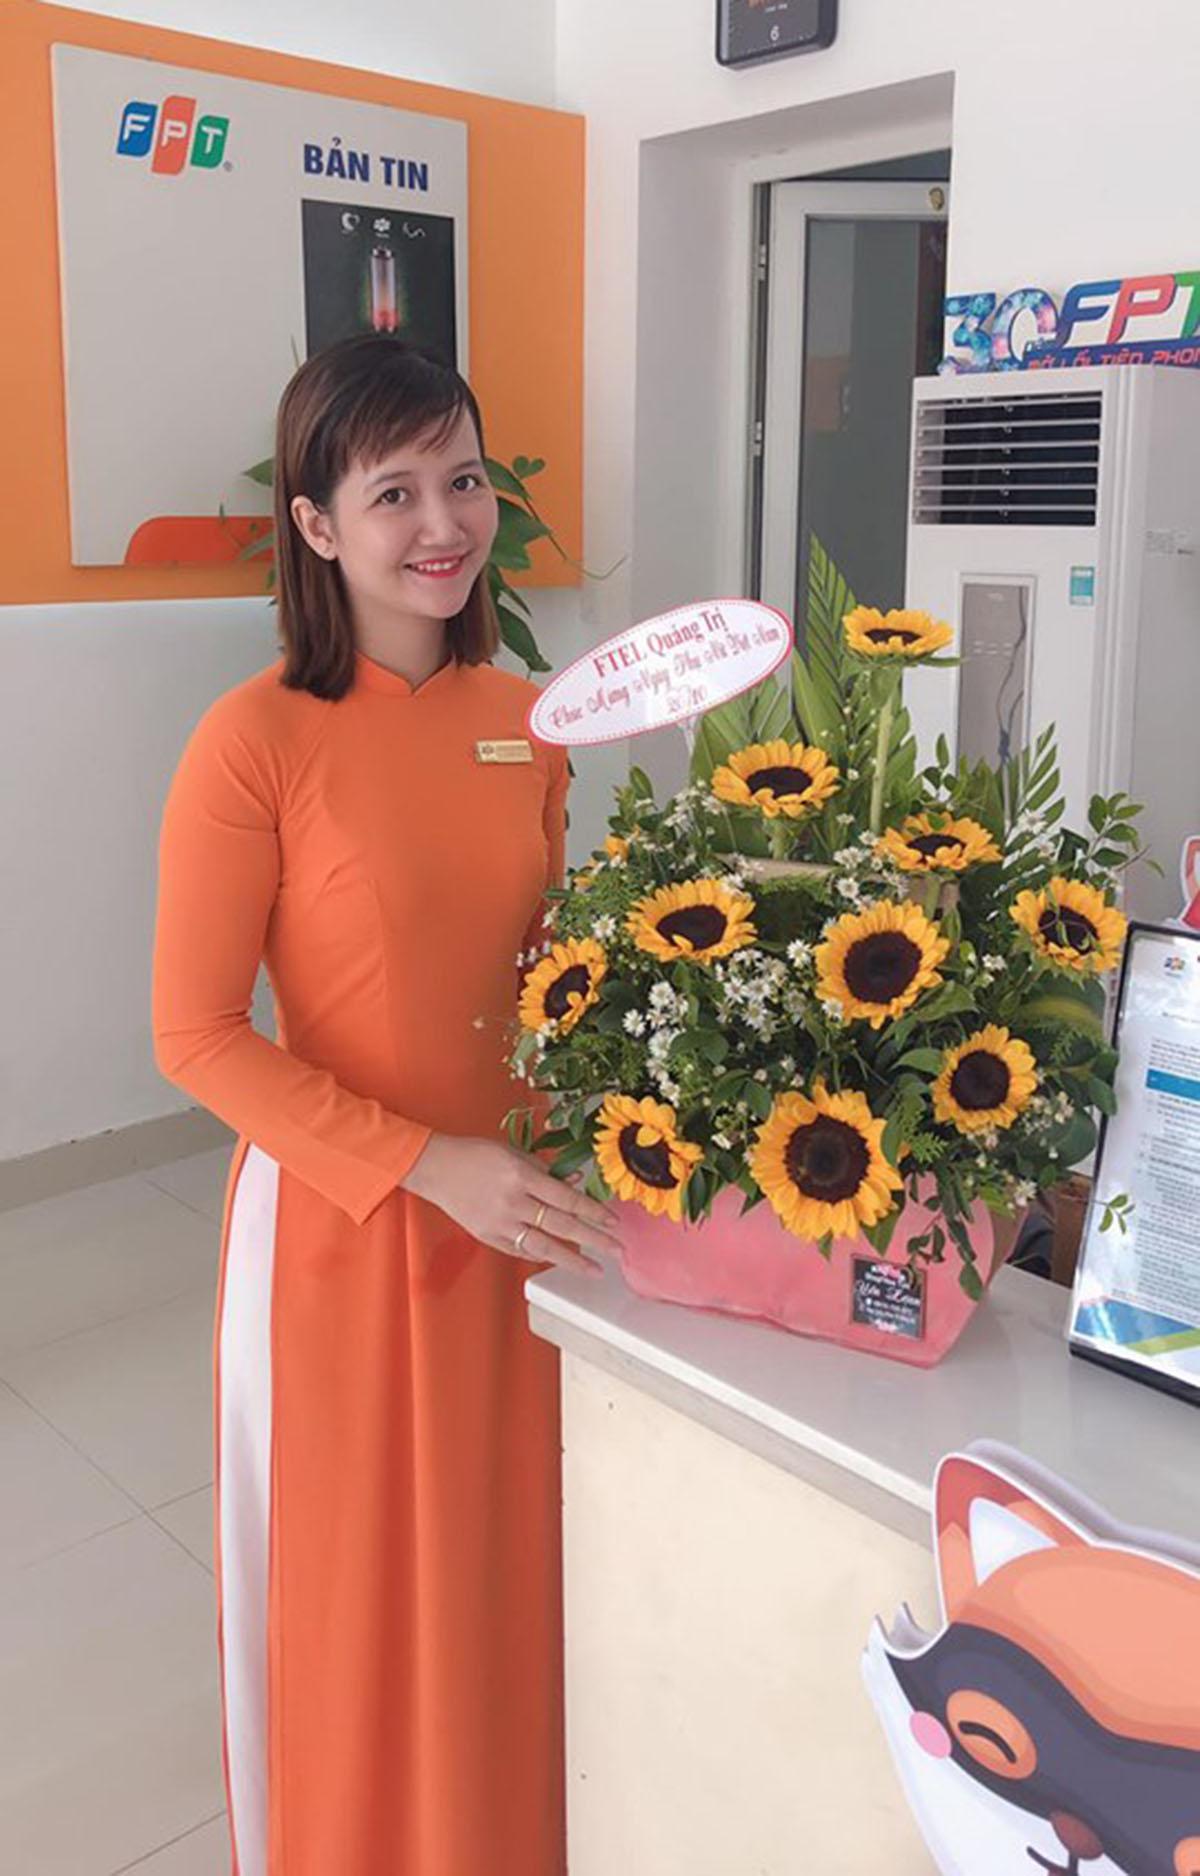 Nữ nhân viên Quảng Trị chụp hình lưu niệm cùng những đóa hoa tươi thắm do đồng nghiệp nam dành tặng.